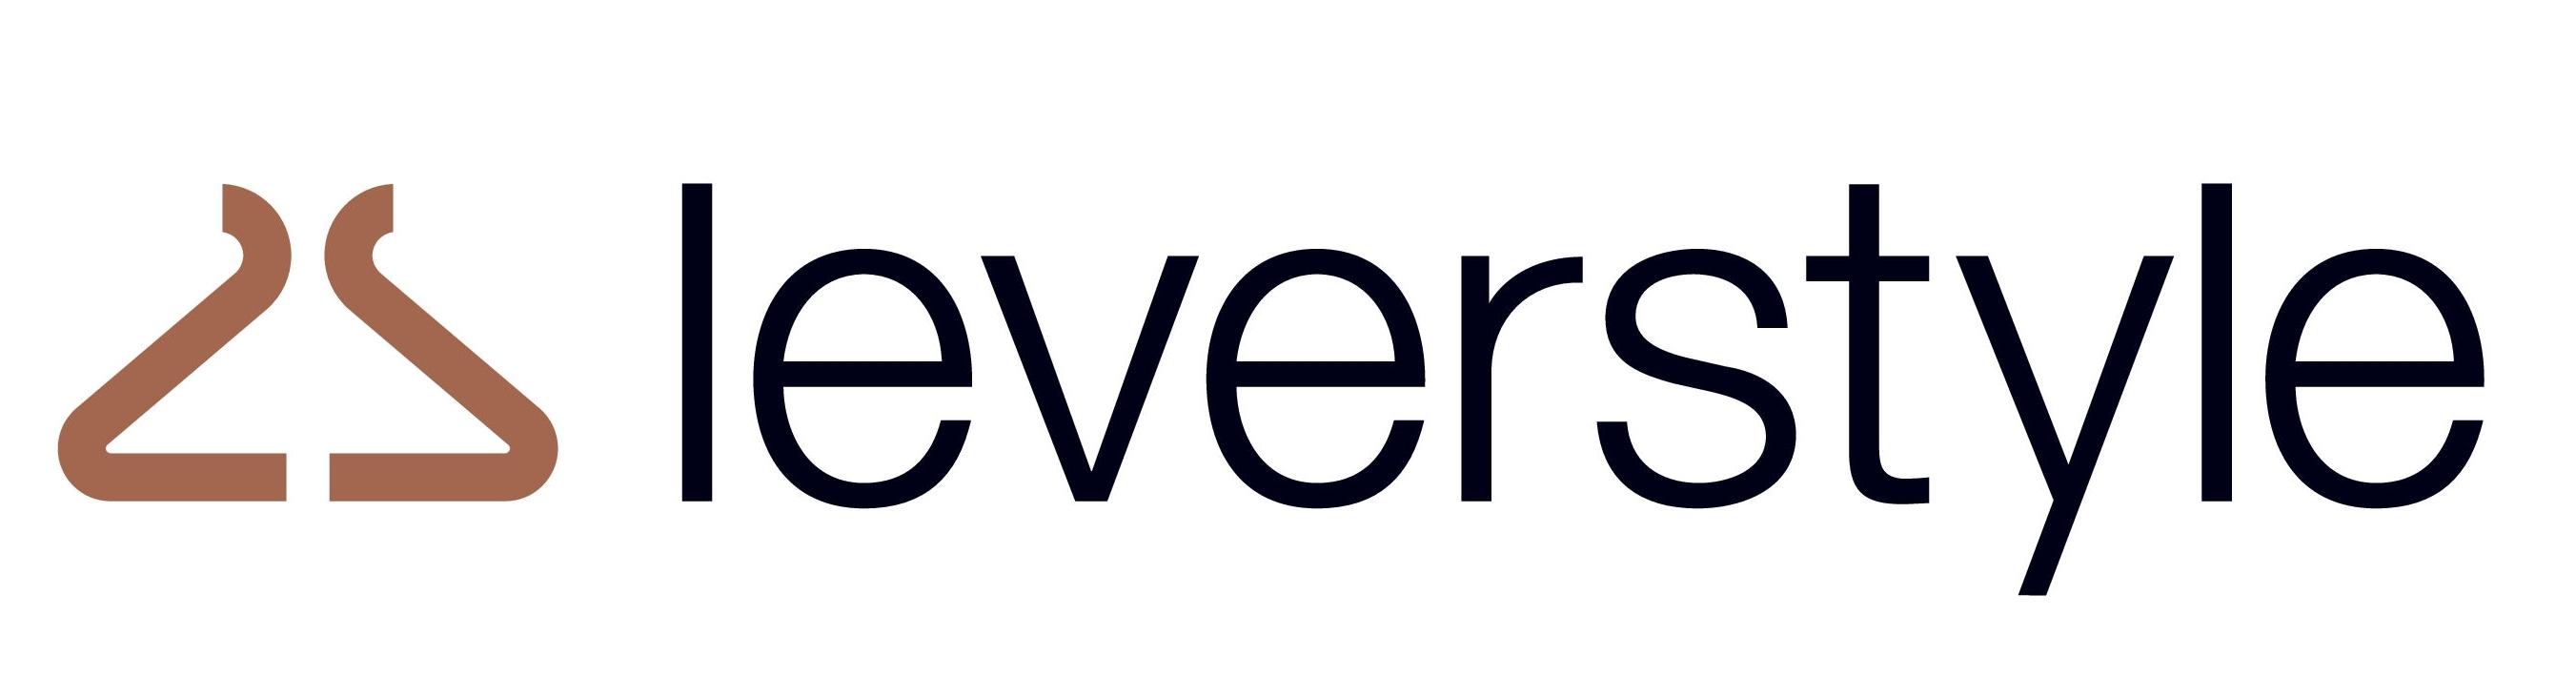 leverstylecrop2